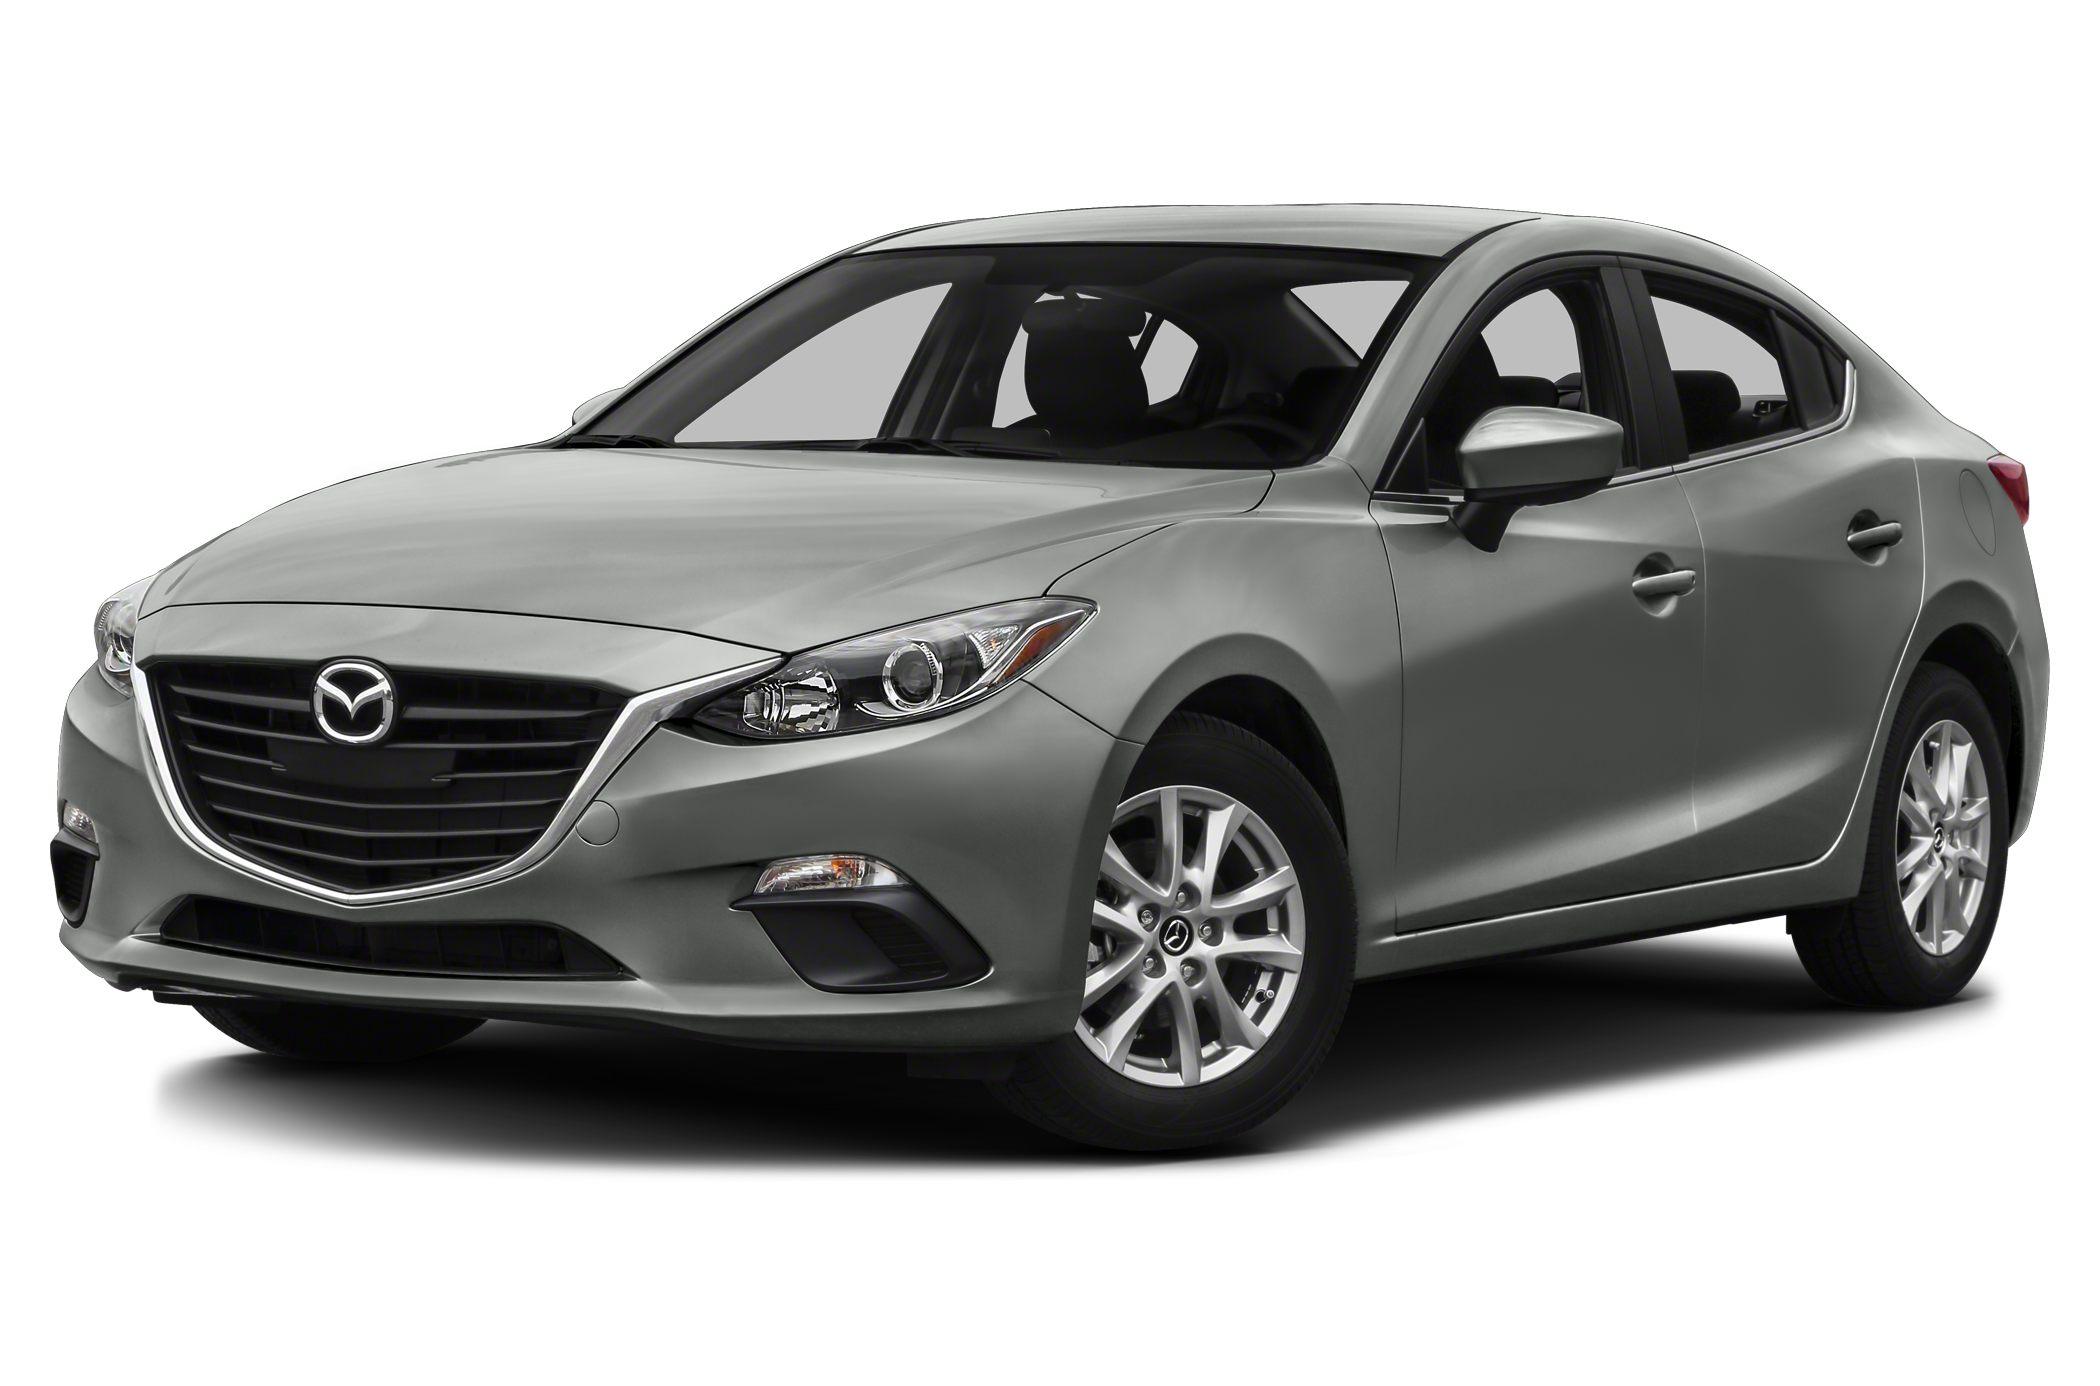 2014 Mazda Mazda3 I Touring Sedan for sale in Valdosta for $21,440 with 219 miles